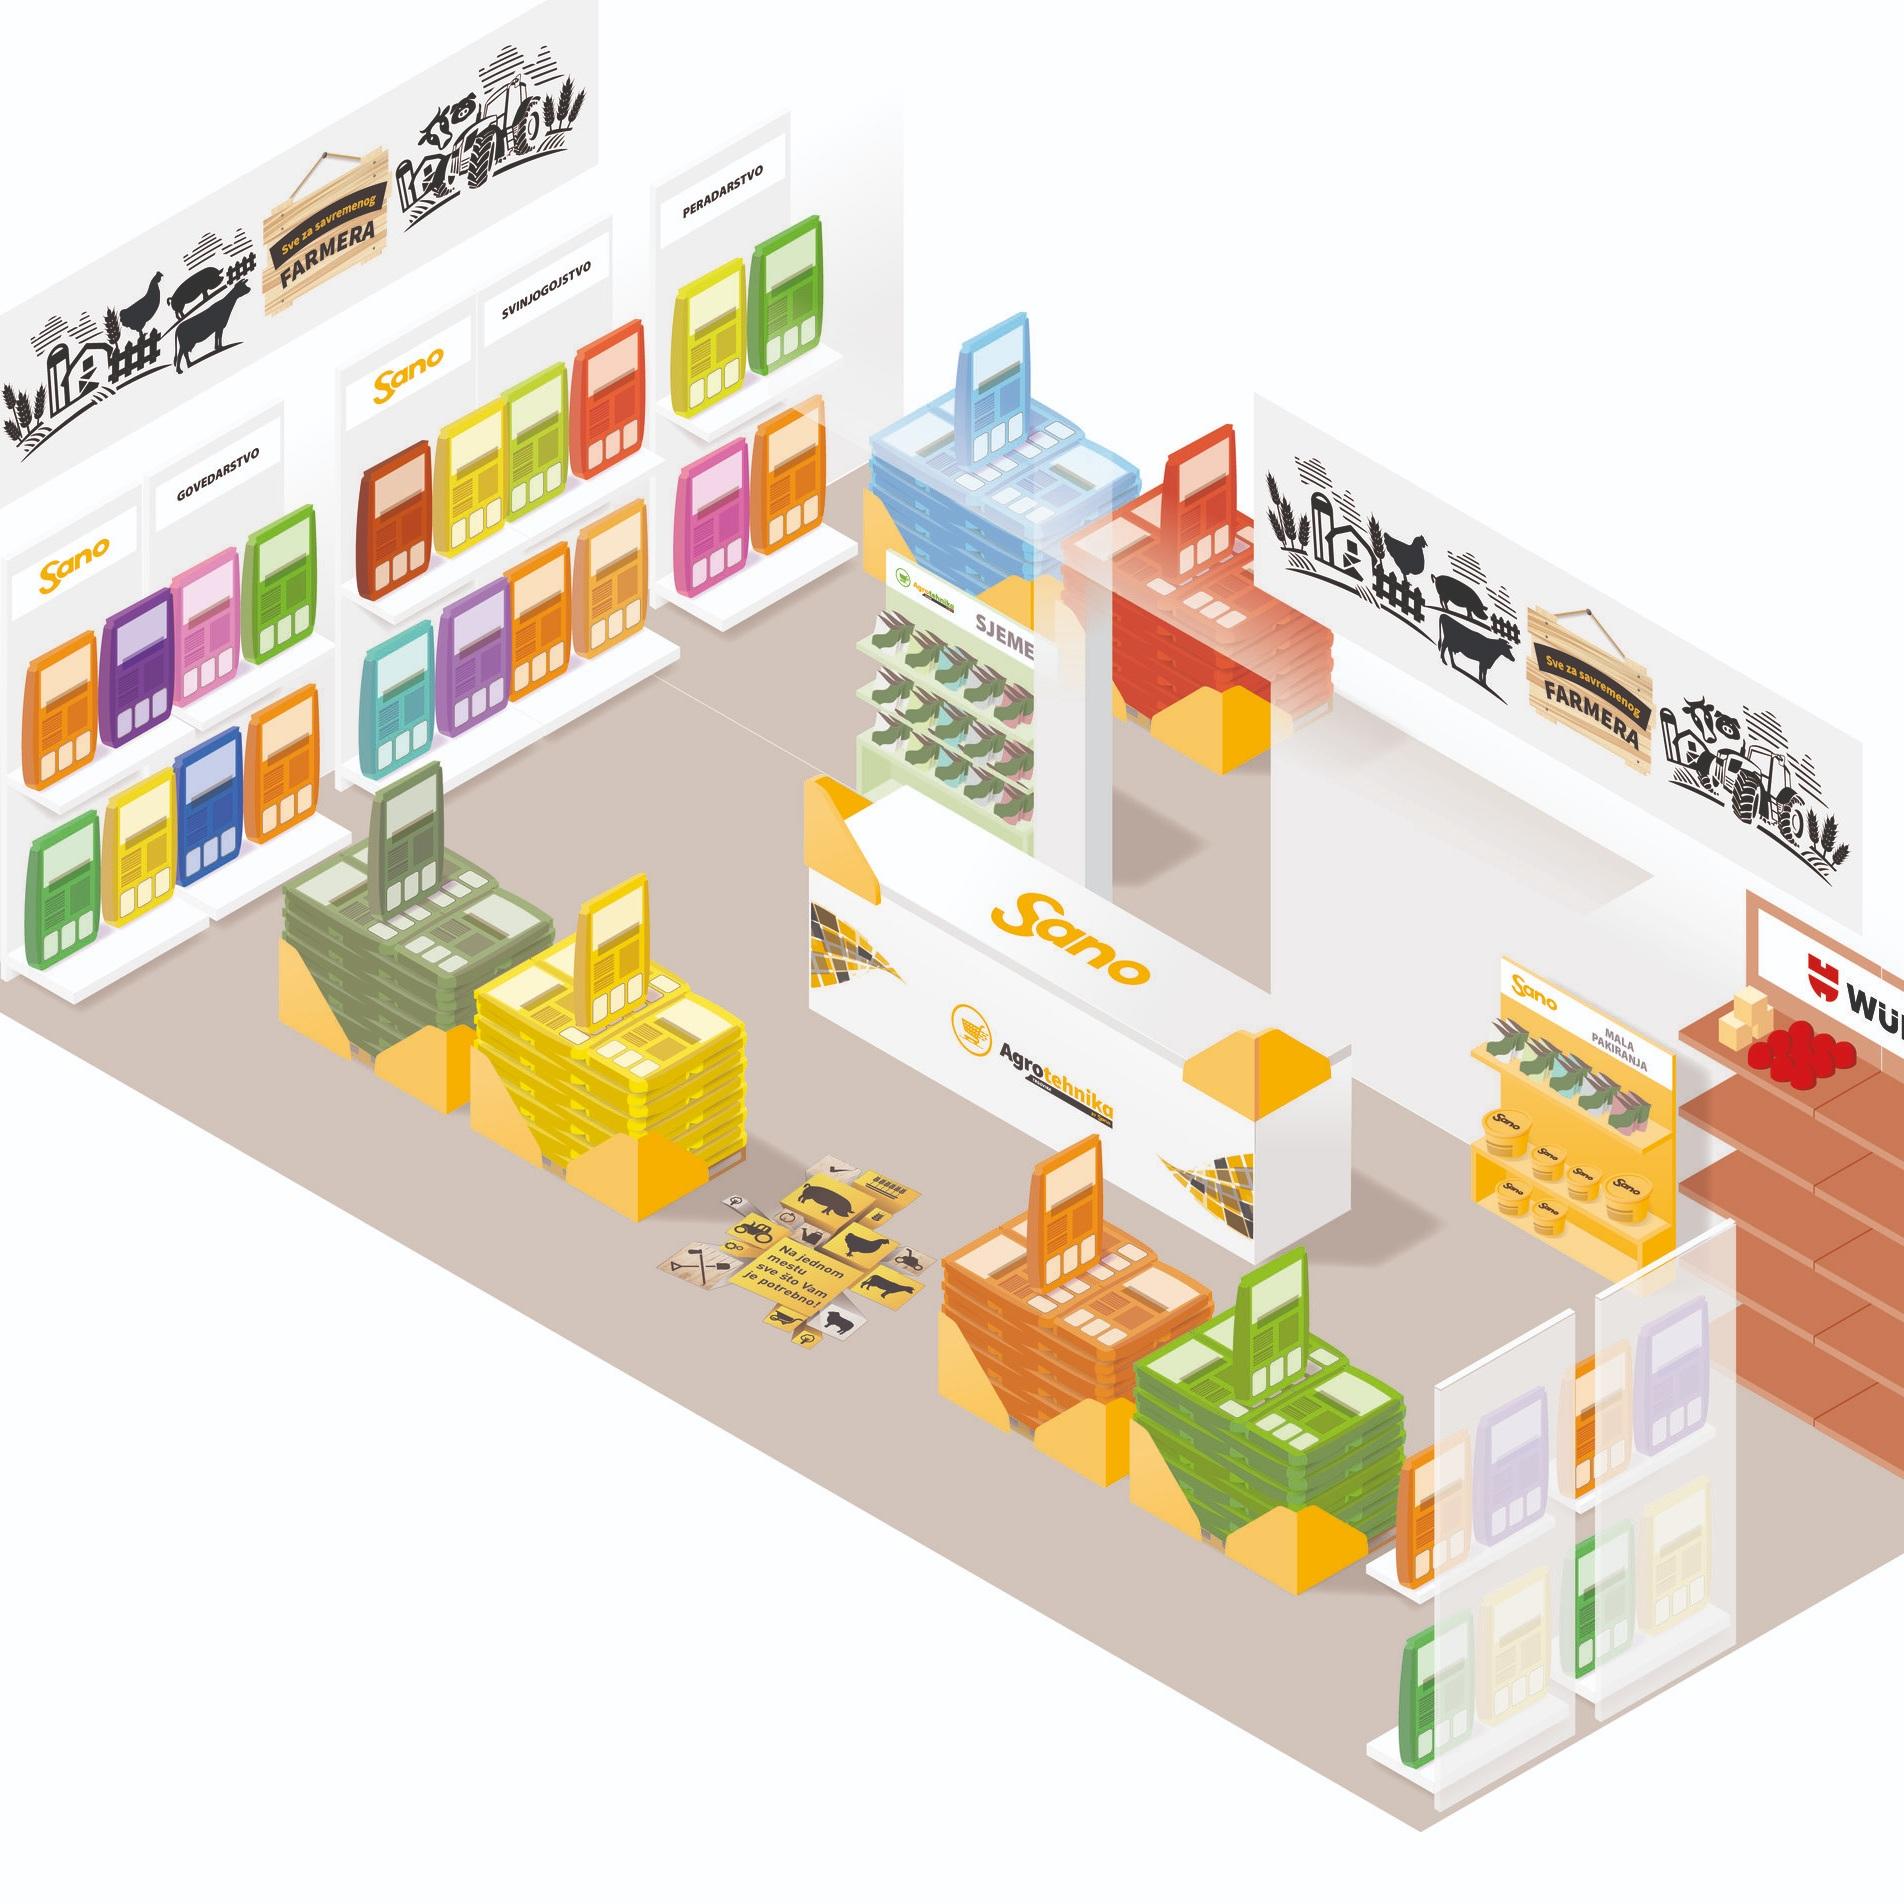 Sano-retail-001Artboard 5-100.jpg